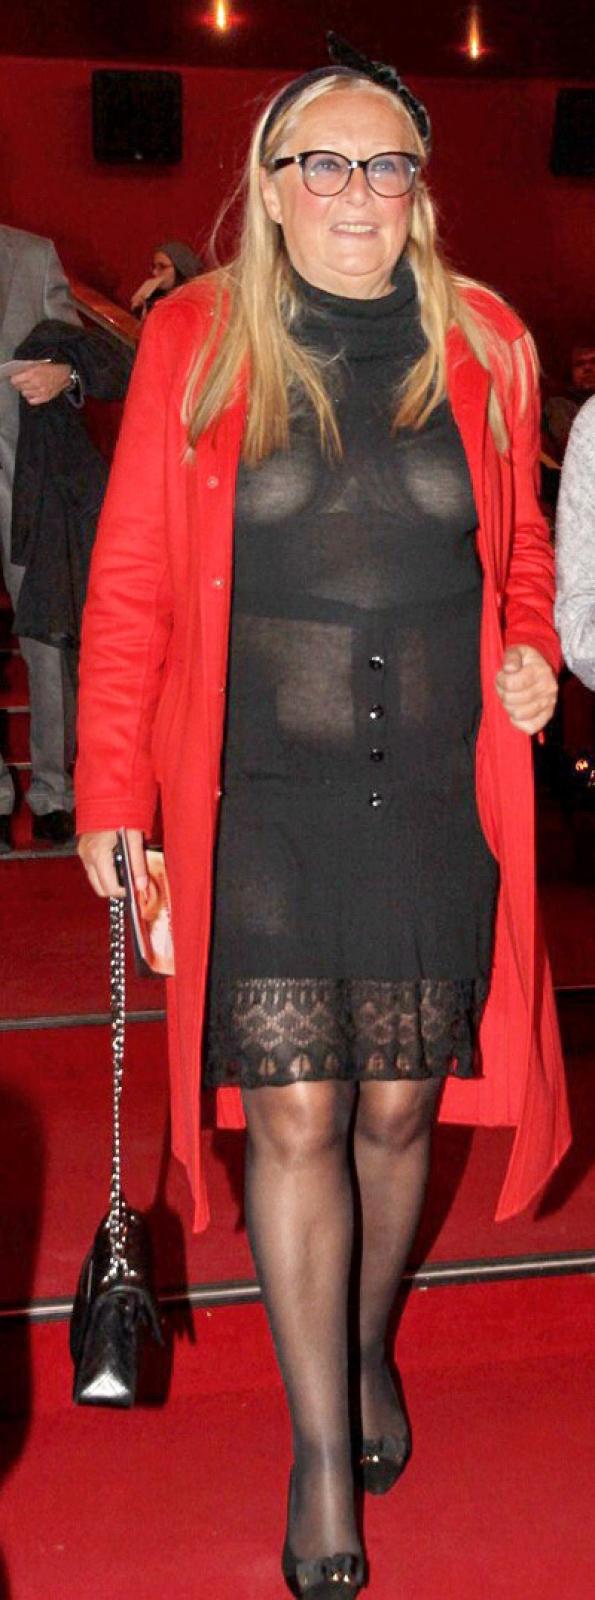 Татьяна Михалкова. Платье явно не подходит даме ни фасоном, ни размером, ни текстурой ткани.